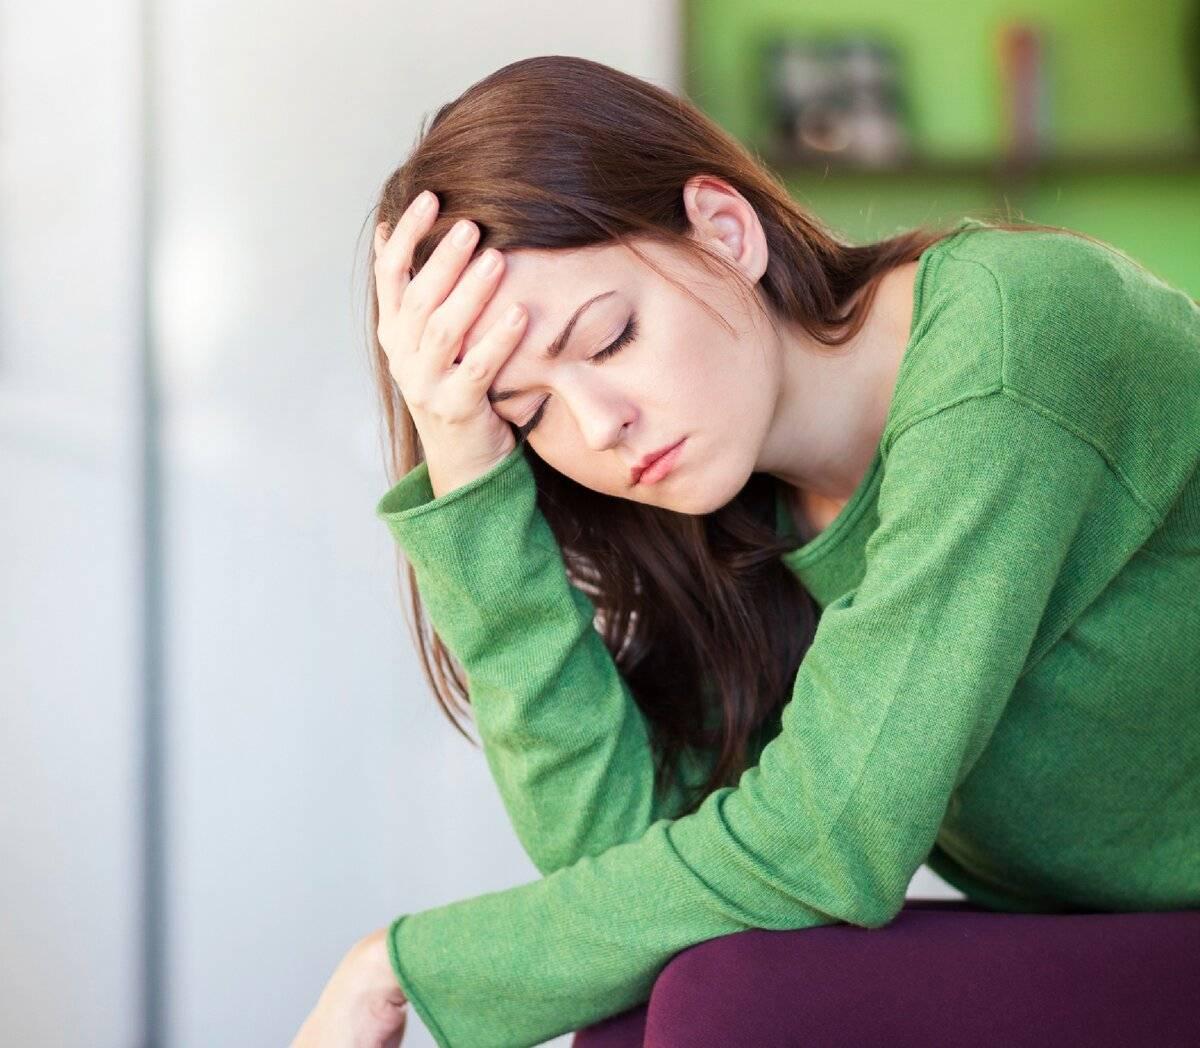 Осенняя депрессия у женщин, почему возникает и как с ней справиться